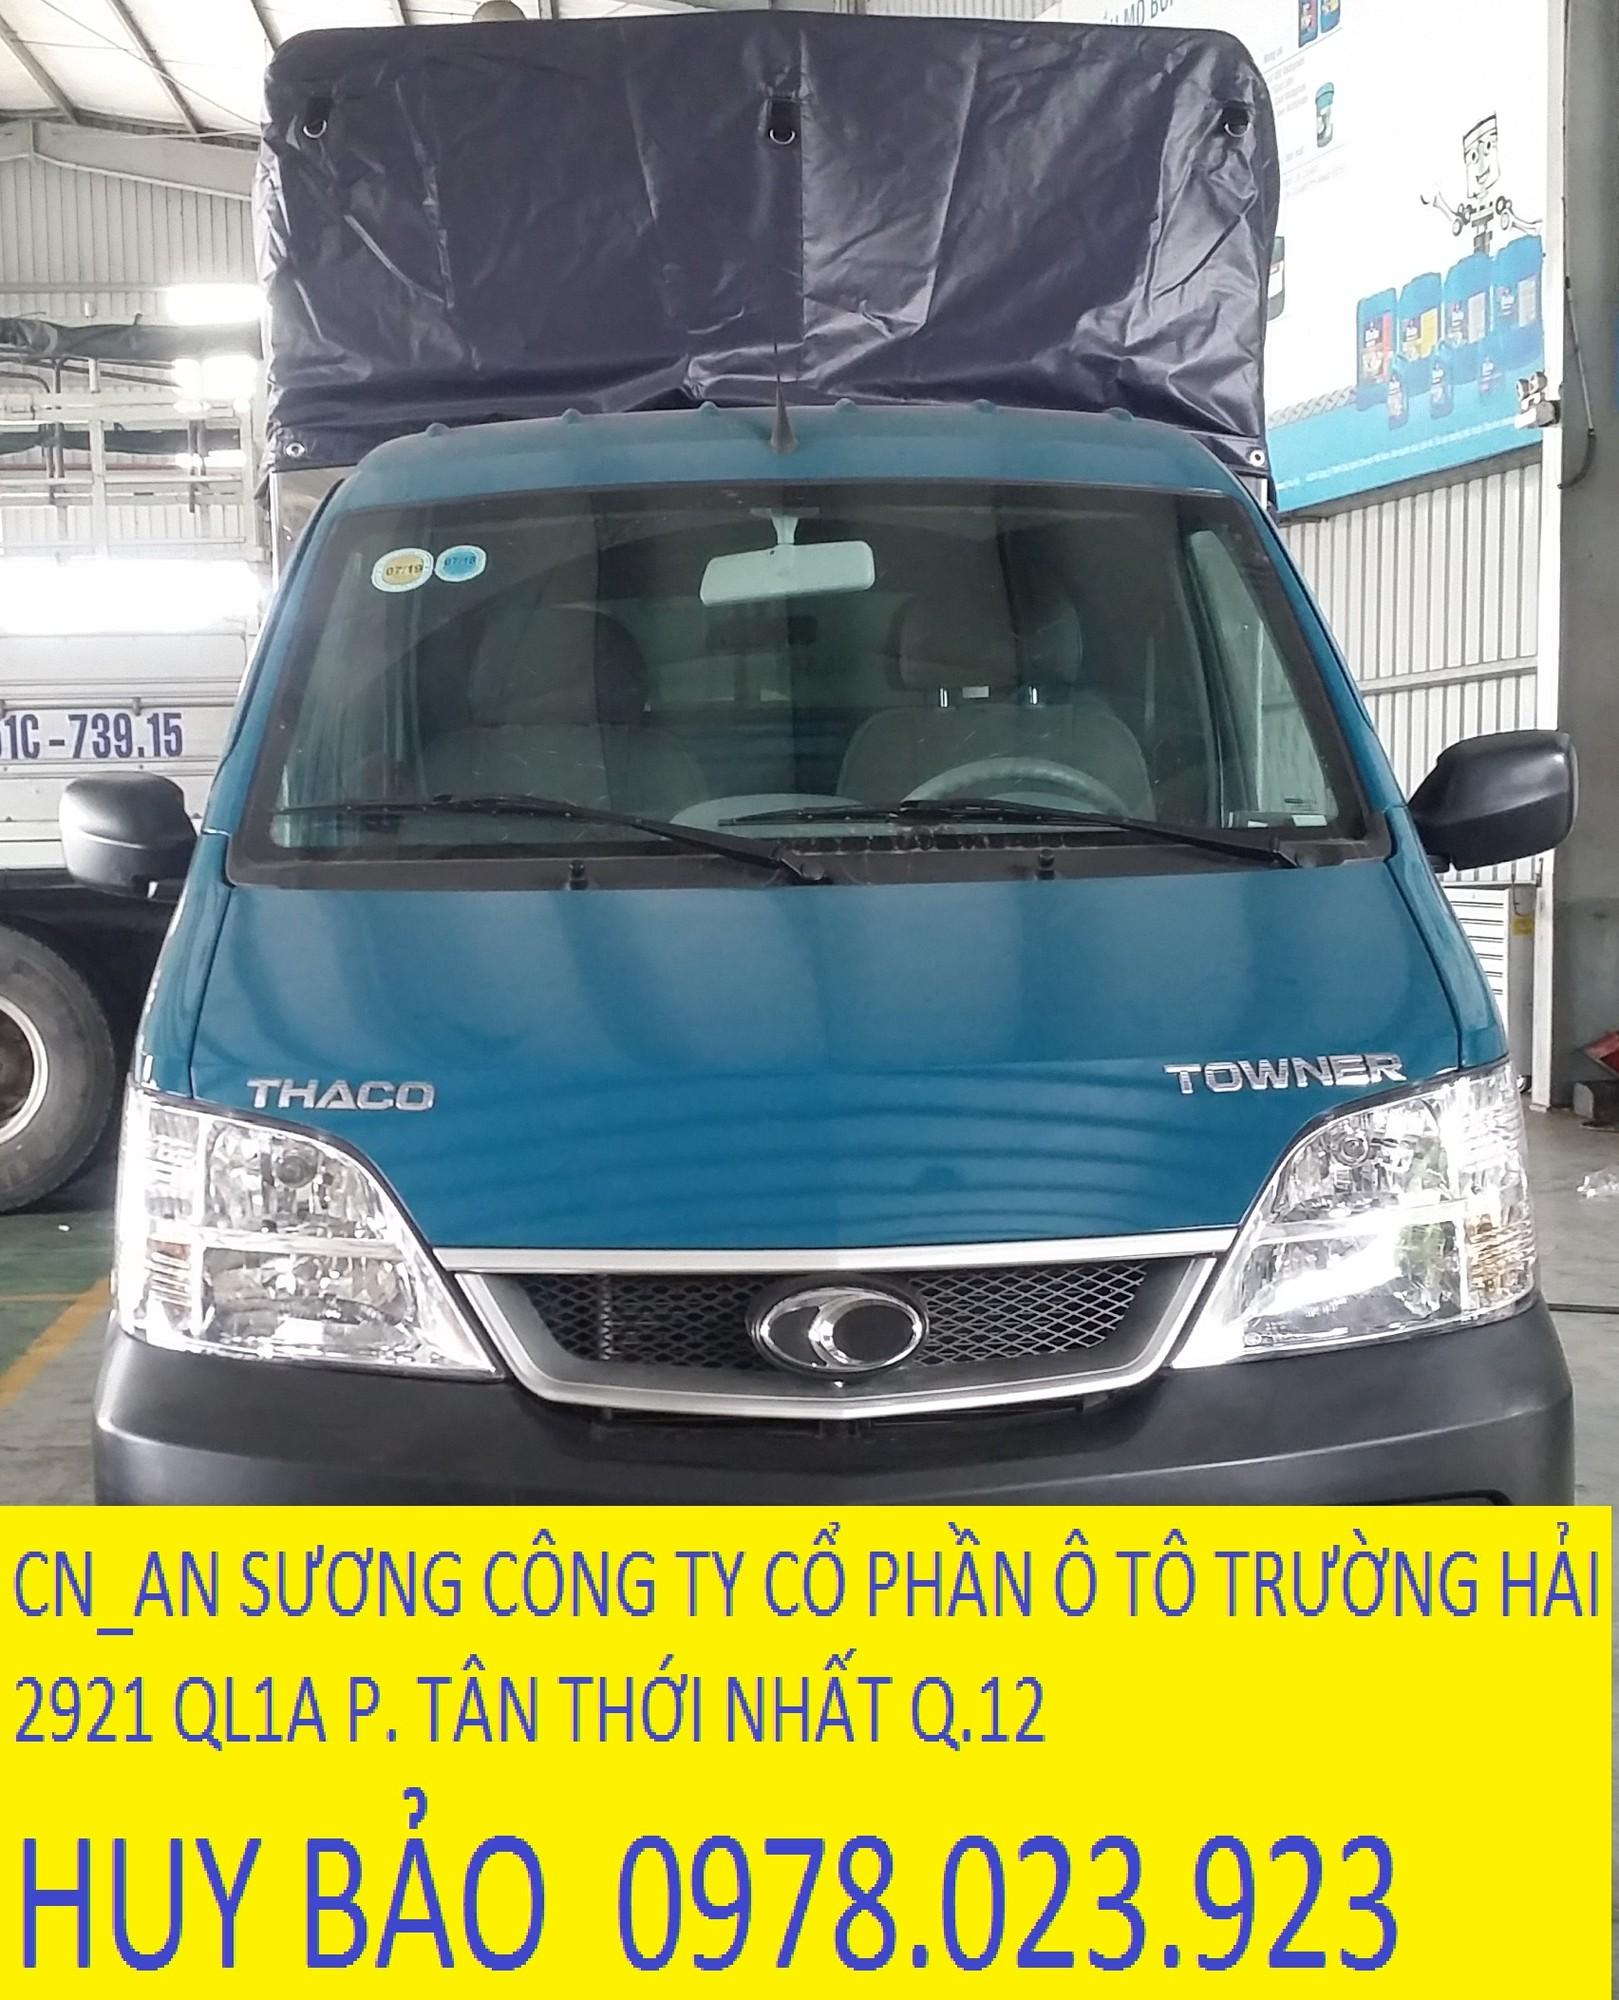 Xe tải thaco towner 750 kg phun xăng điện tử thùng dài 2.6m Ảnh số 41334481